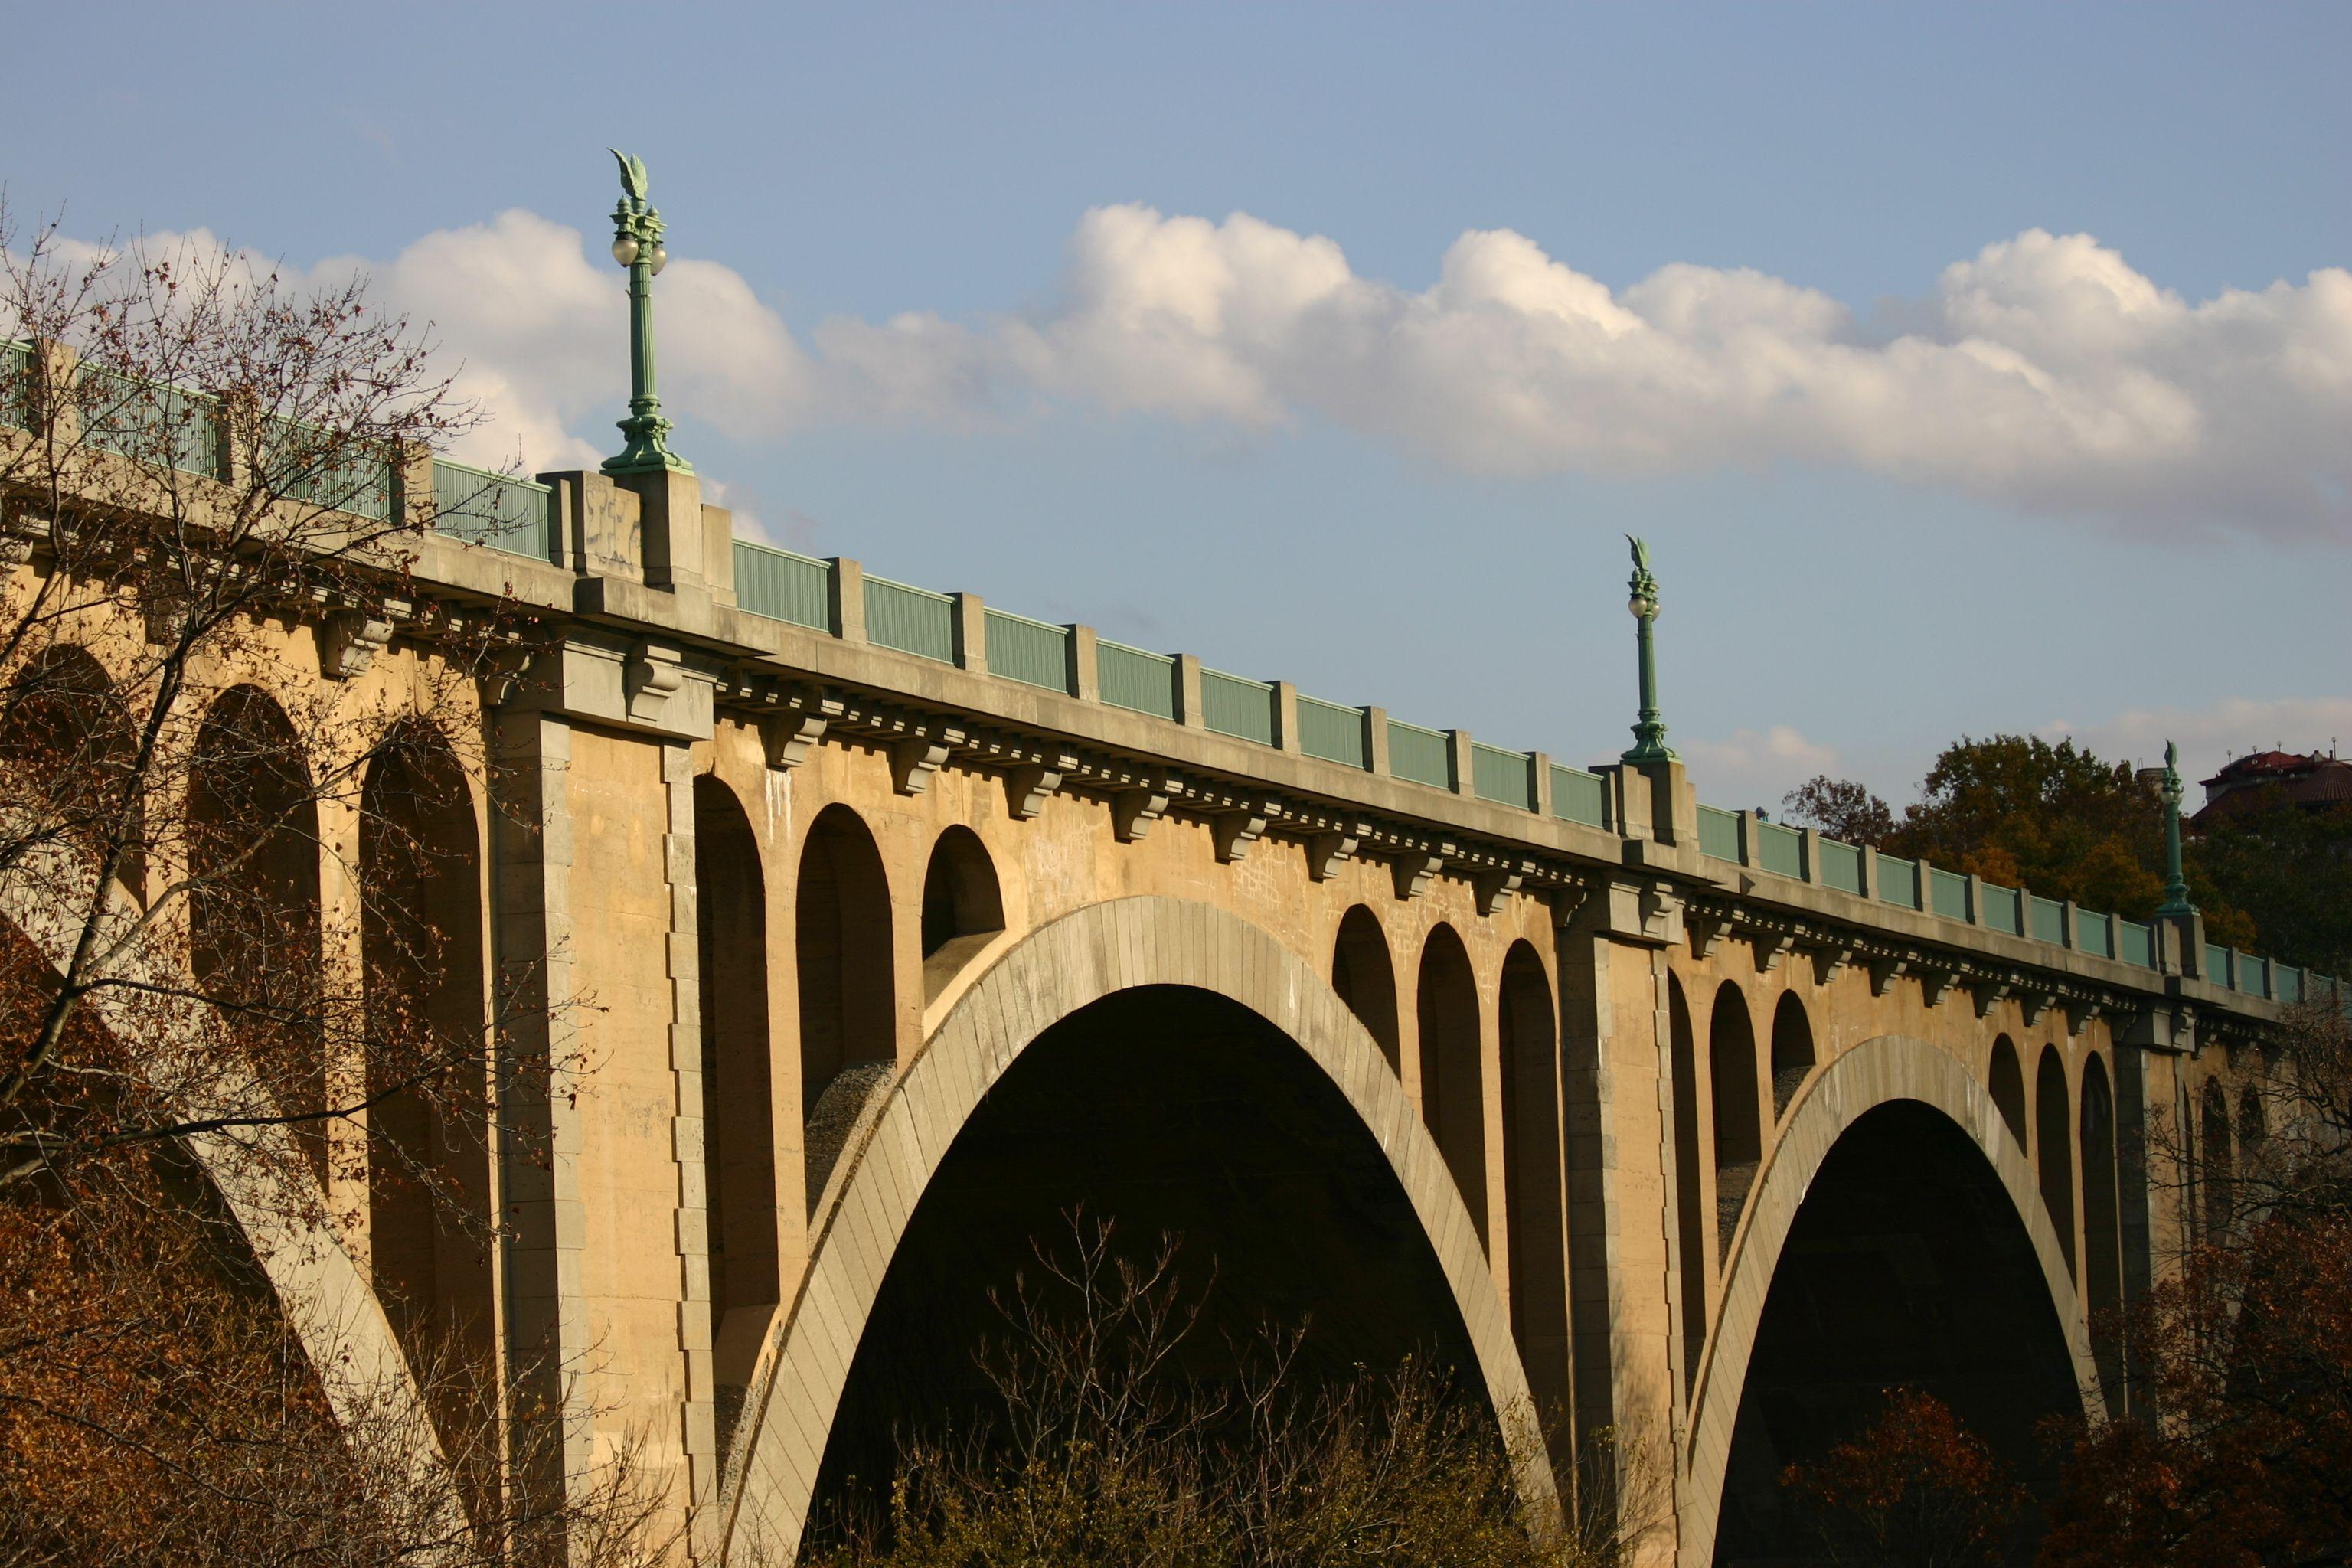 Ellington Bridge